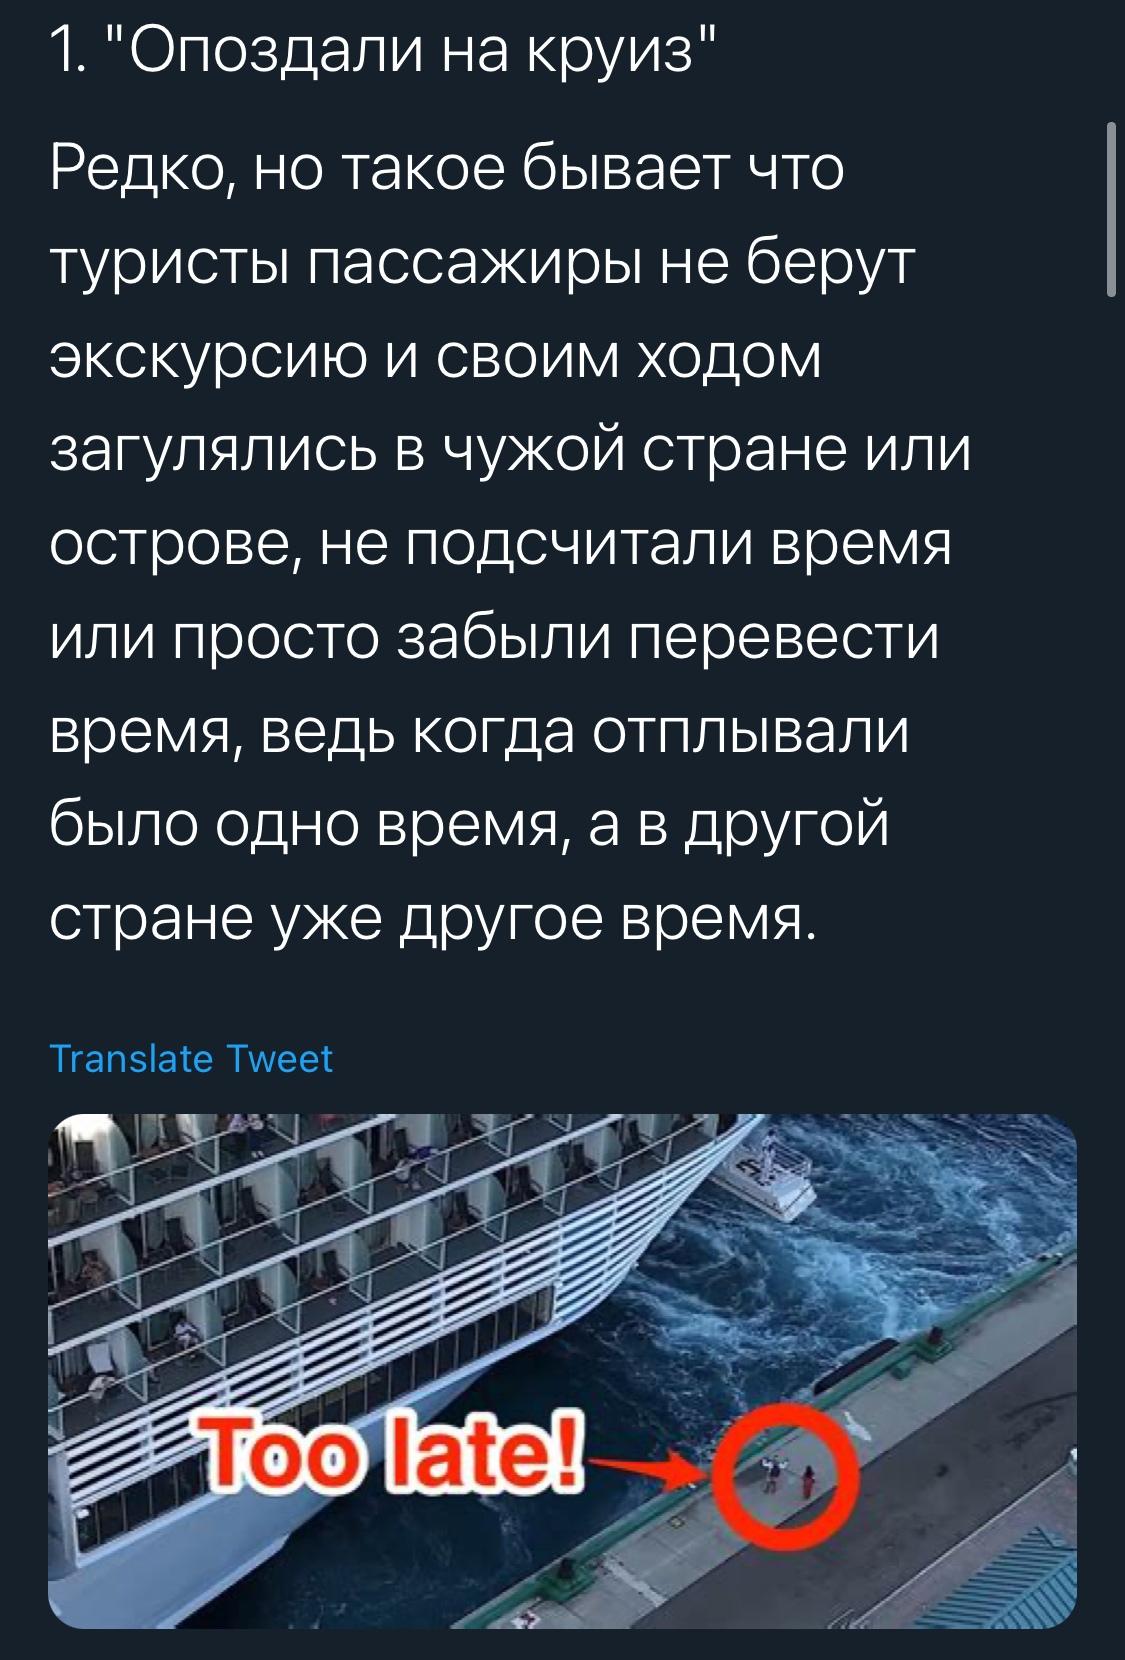 Морская статейка